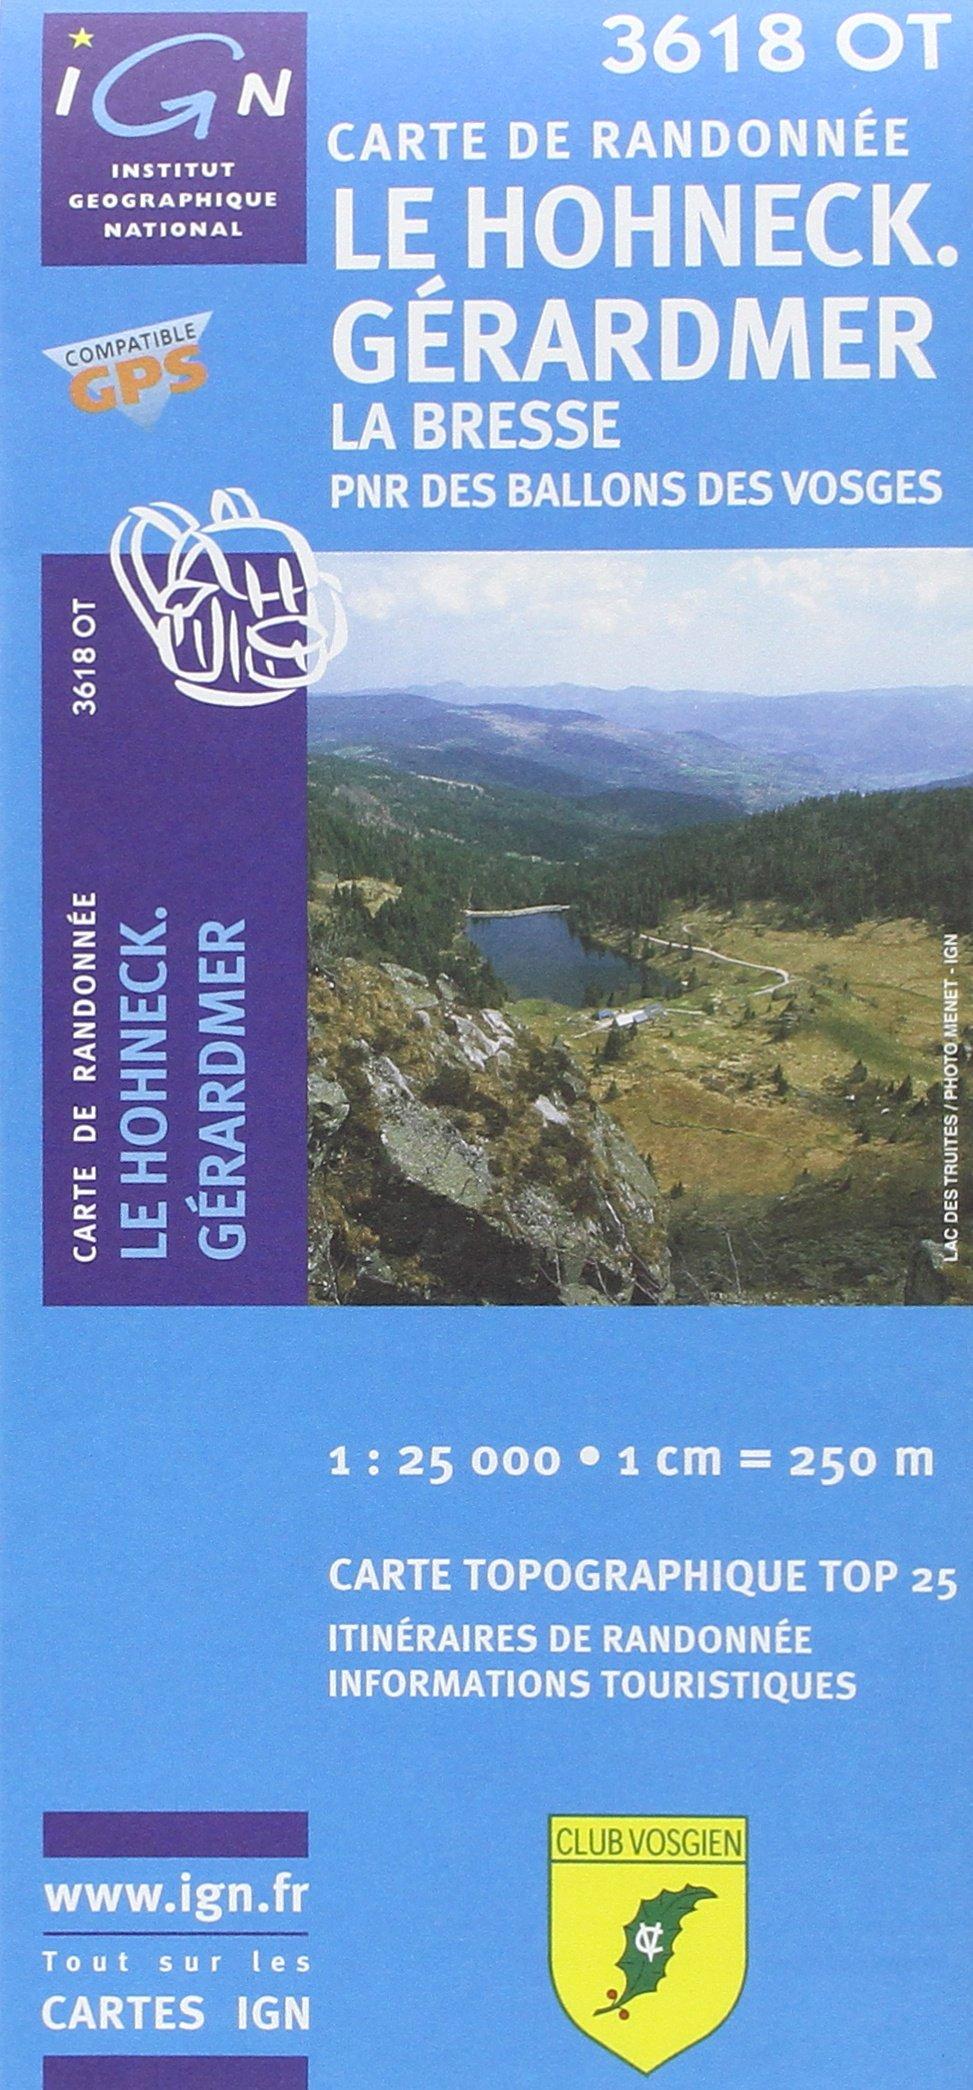 Le Hohneck - Gérardmer - La Bresse - PNR des Ballons des Vosges 1 : 25 000 (Ign Map)